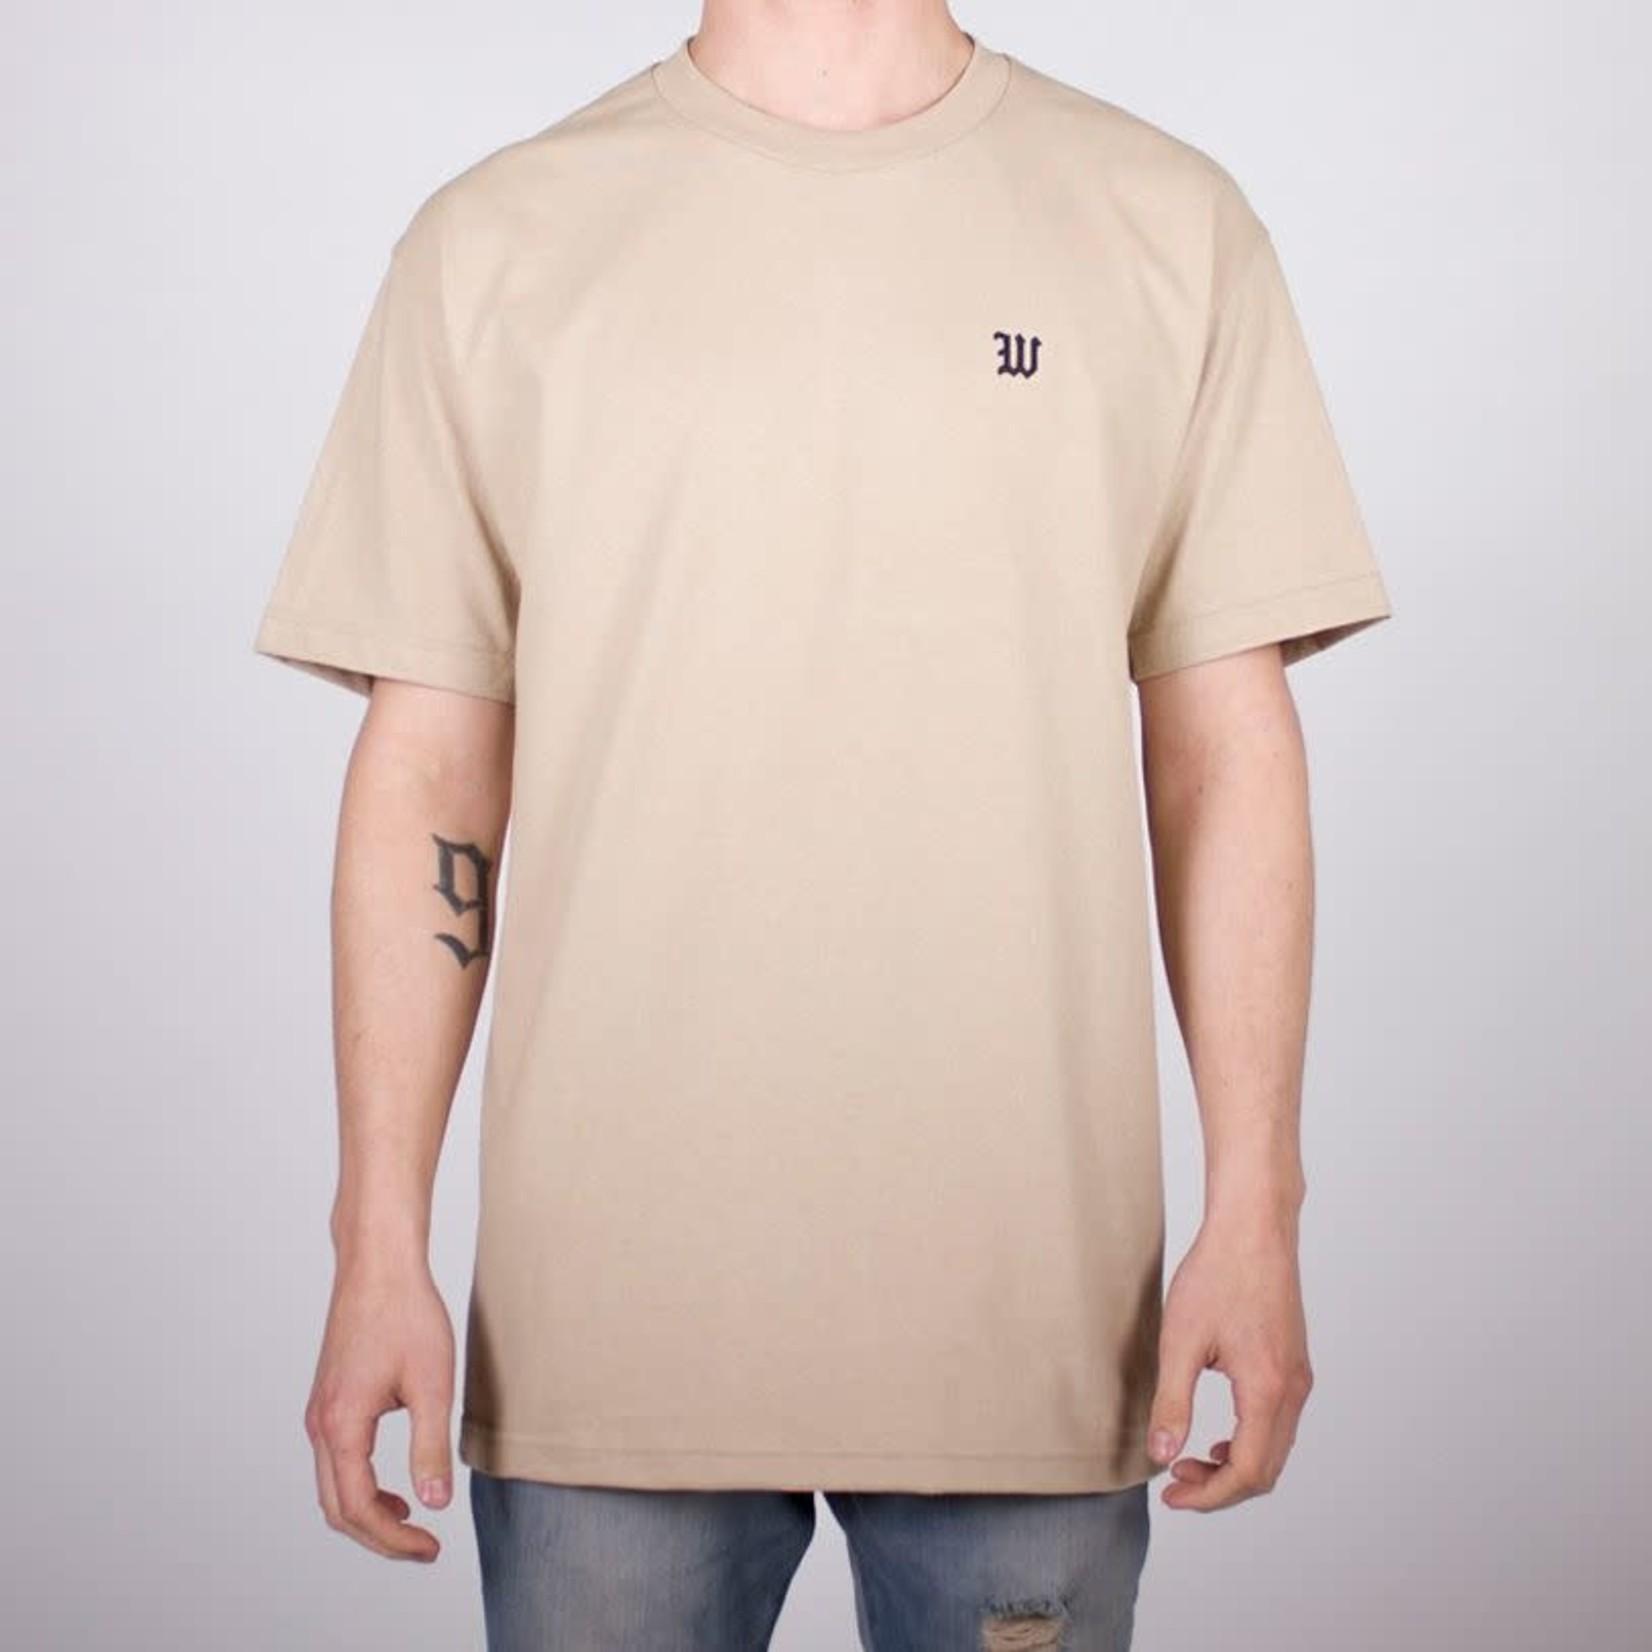 WLKN WLKN : Arch T-Shirt